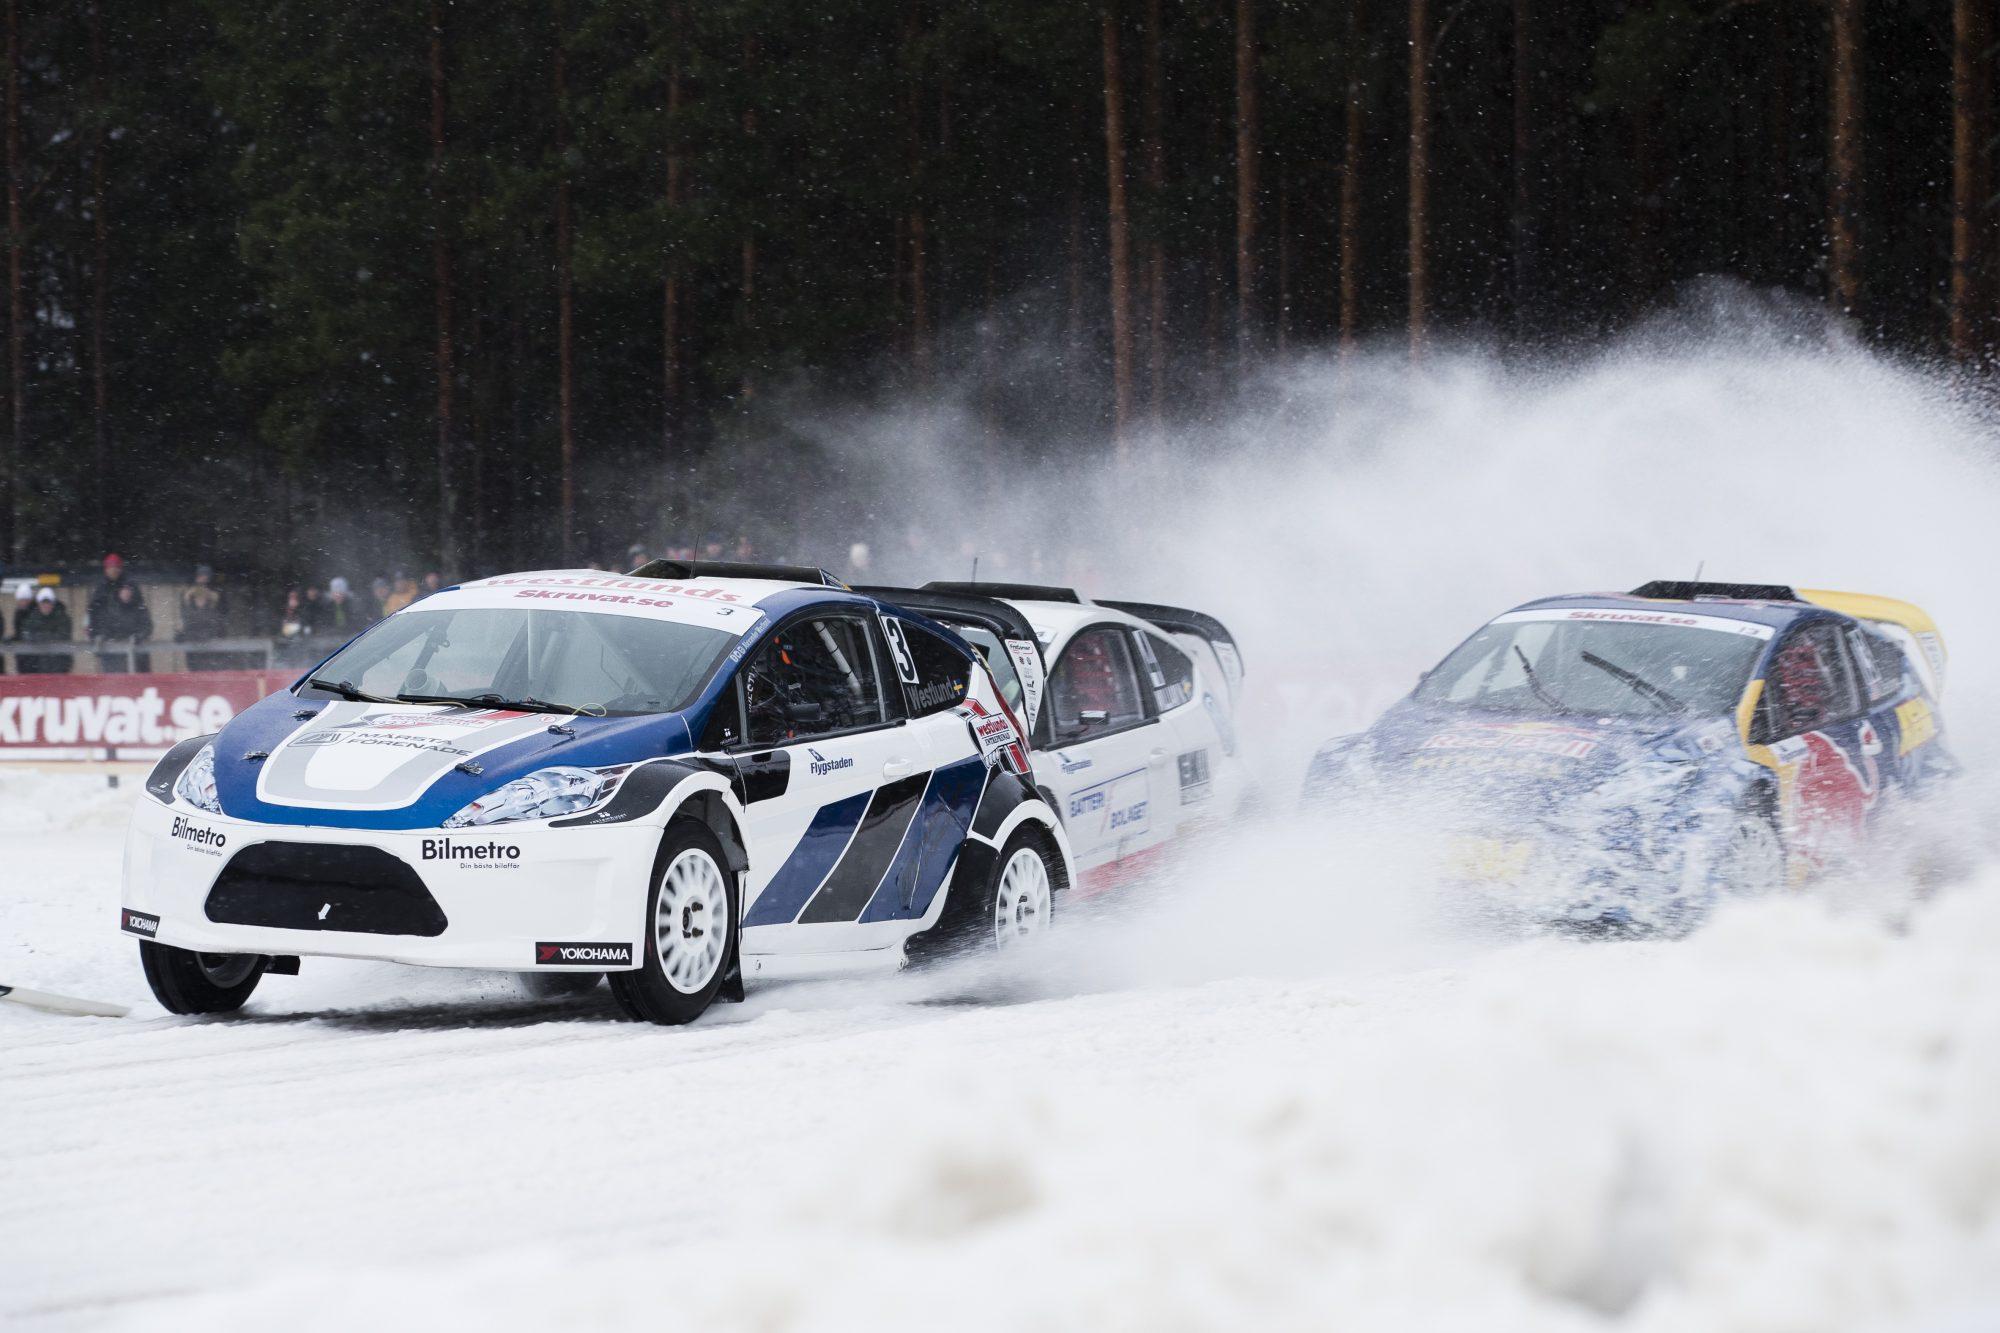 Alexander Westlund, William Nilsson och Mitchell De Jong tävlar i rallycross under dag sex av SM-veckan den 5 februari 2016 i Söderhamn.